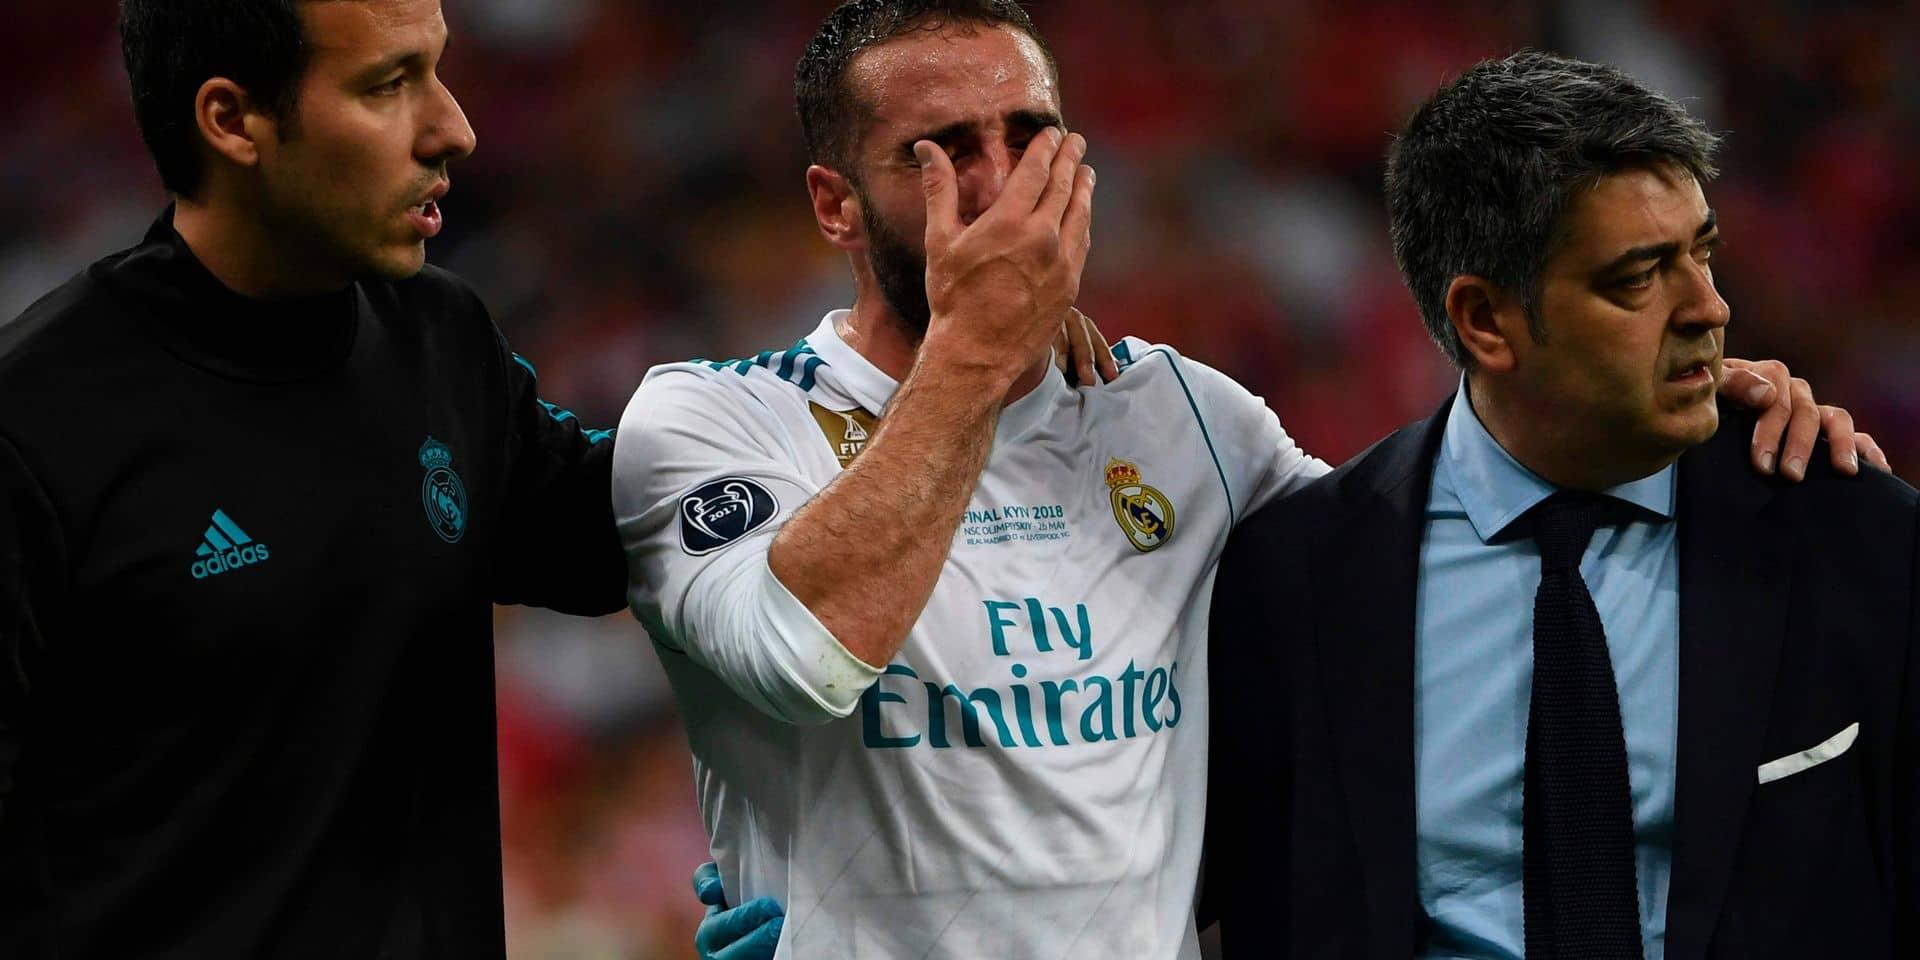 Mondial: blessé en finale de Ligue des Champions, il y a aussi de l'espoir pour Carvajal